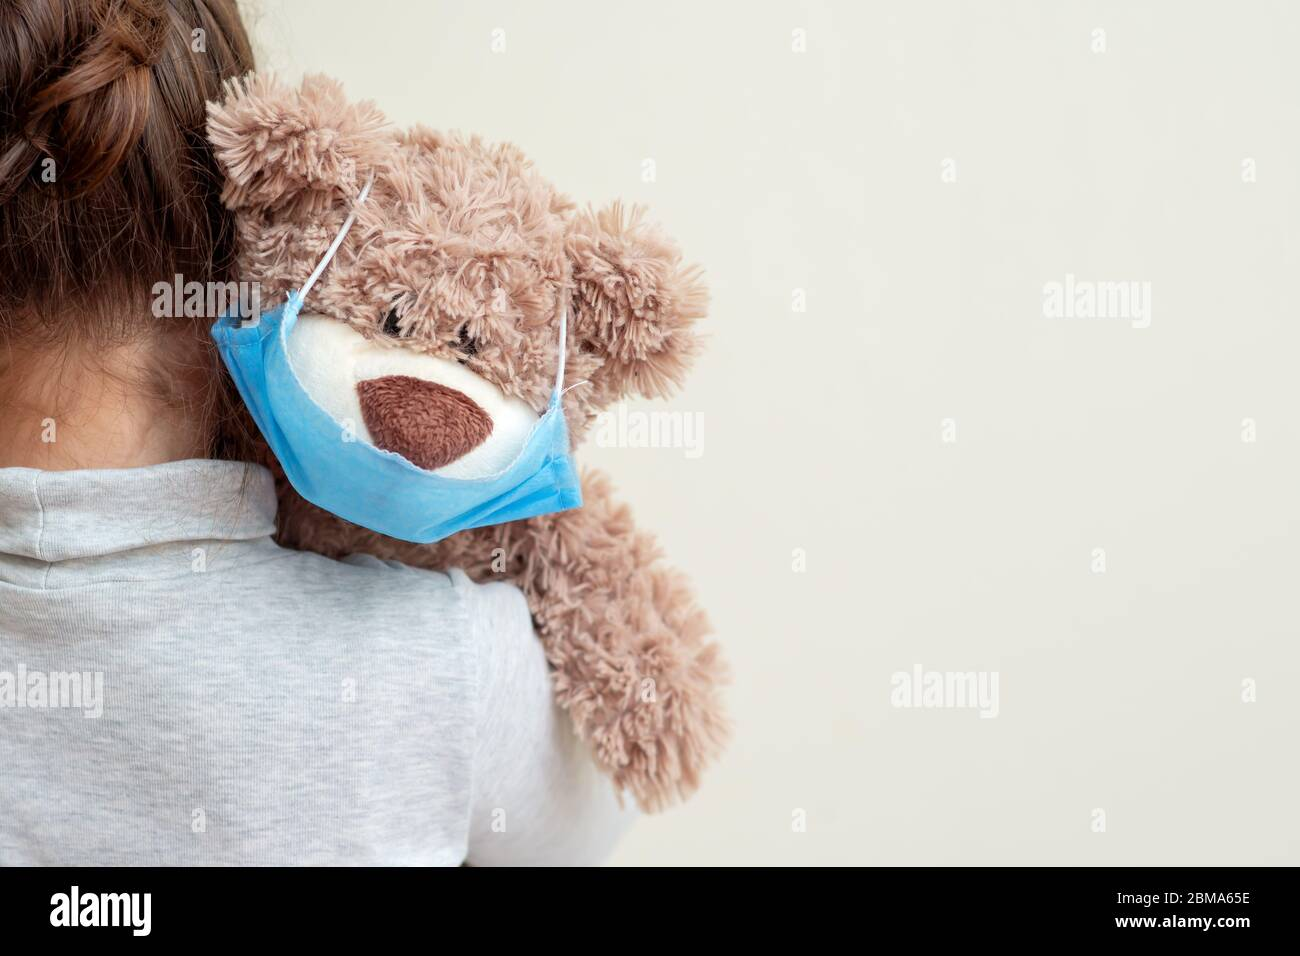 Plüschbär mit schützender medizinischer Maske auf der Schulter des Kindes. Gesundheitsfürsorge und Virenschutz. Stockfoto